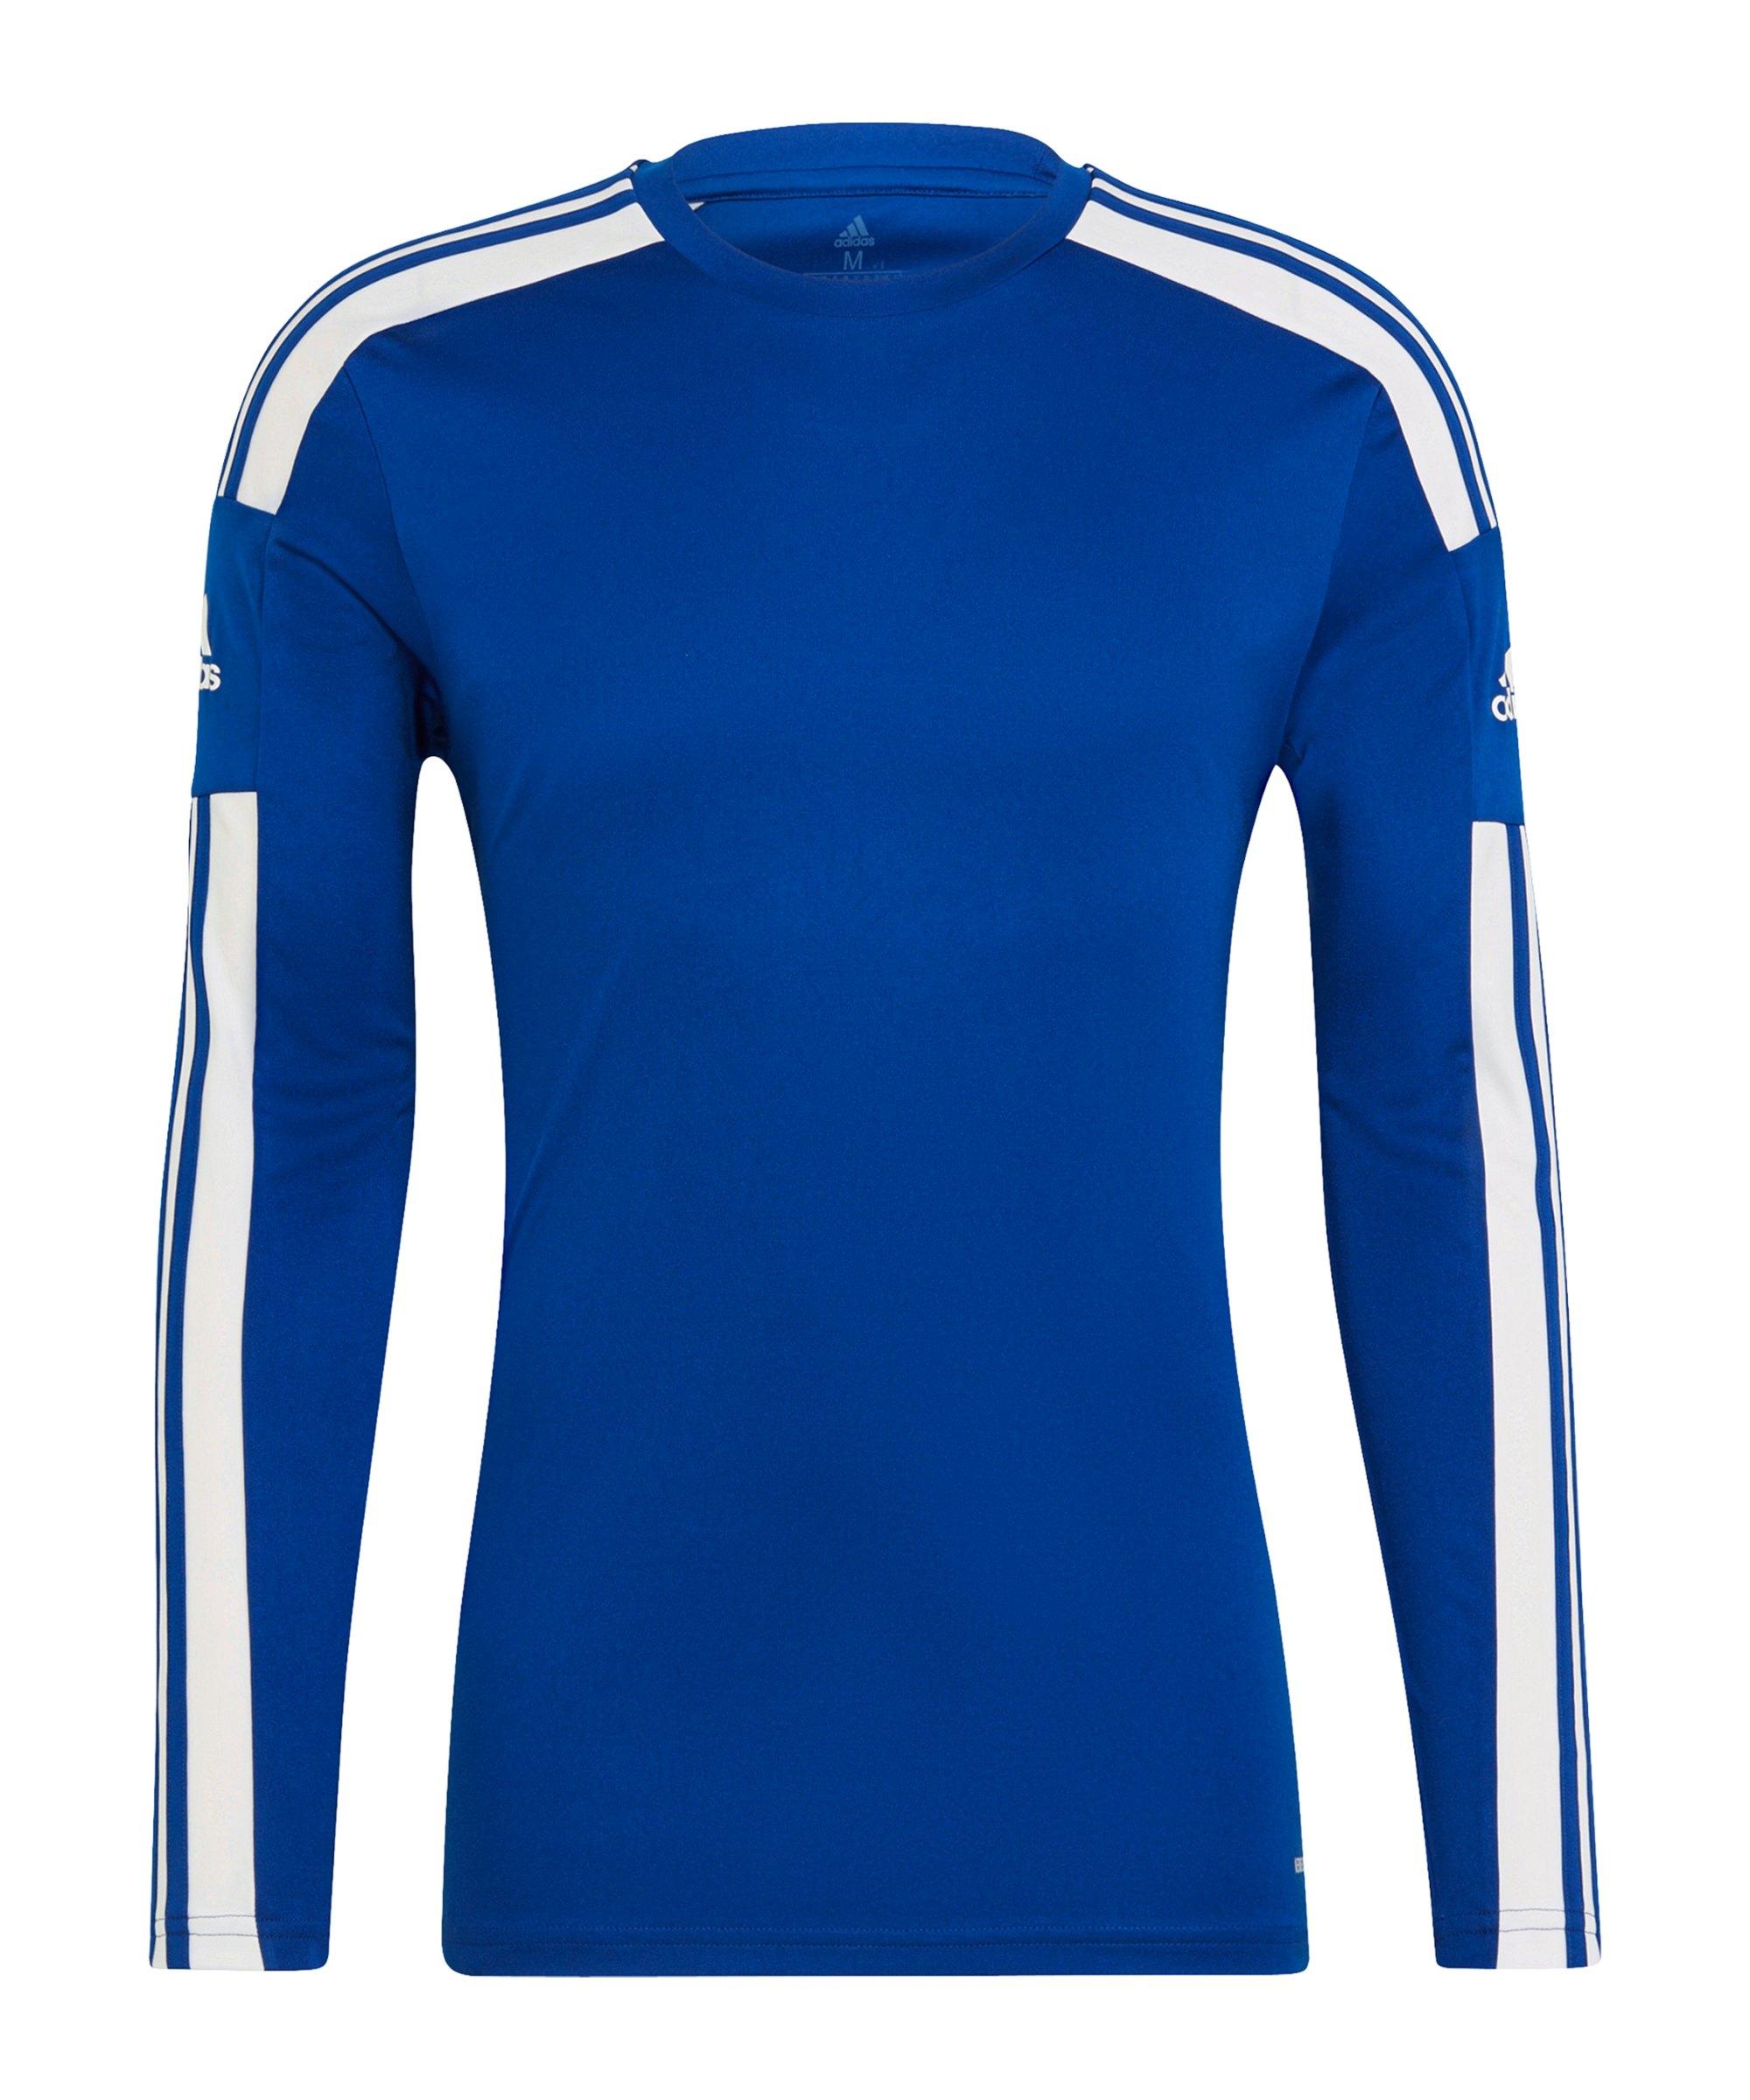 adidas Squadra 21 Trikot langarm Blau Weiss - blau